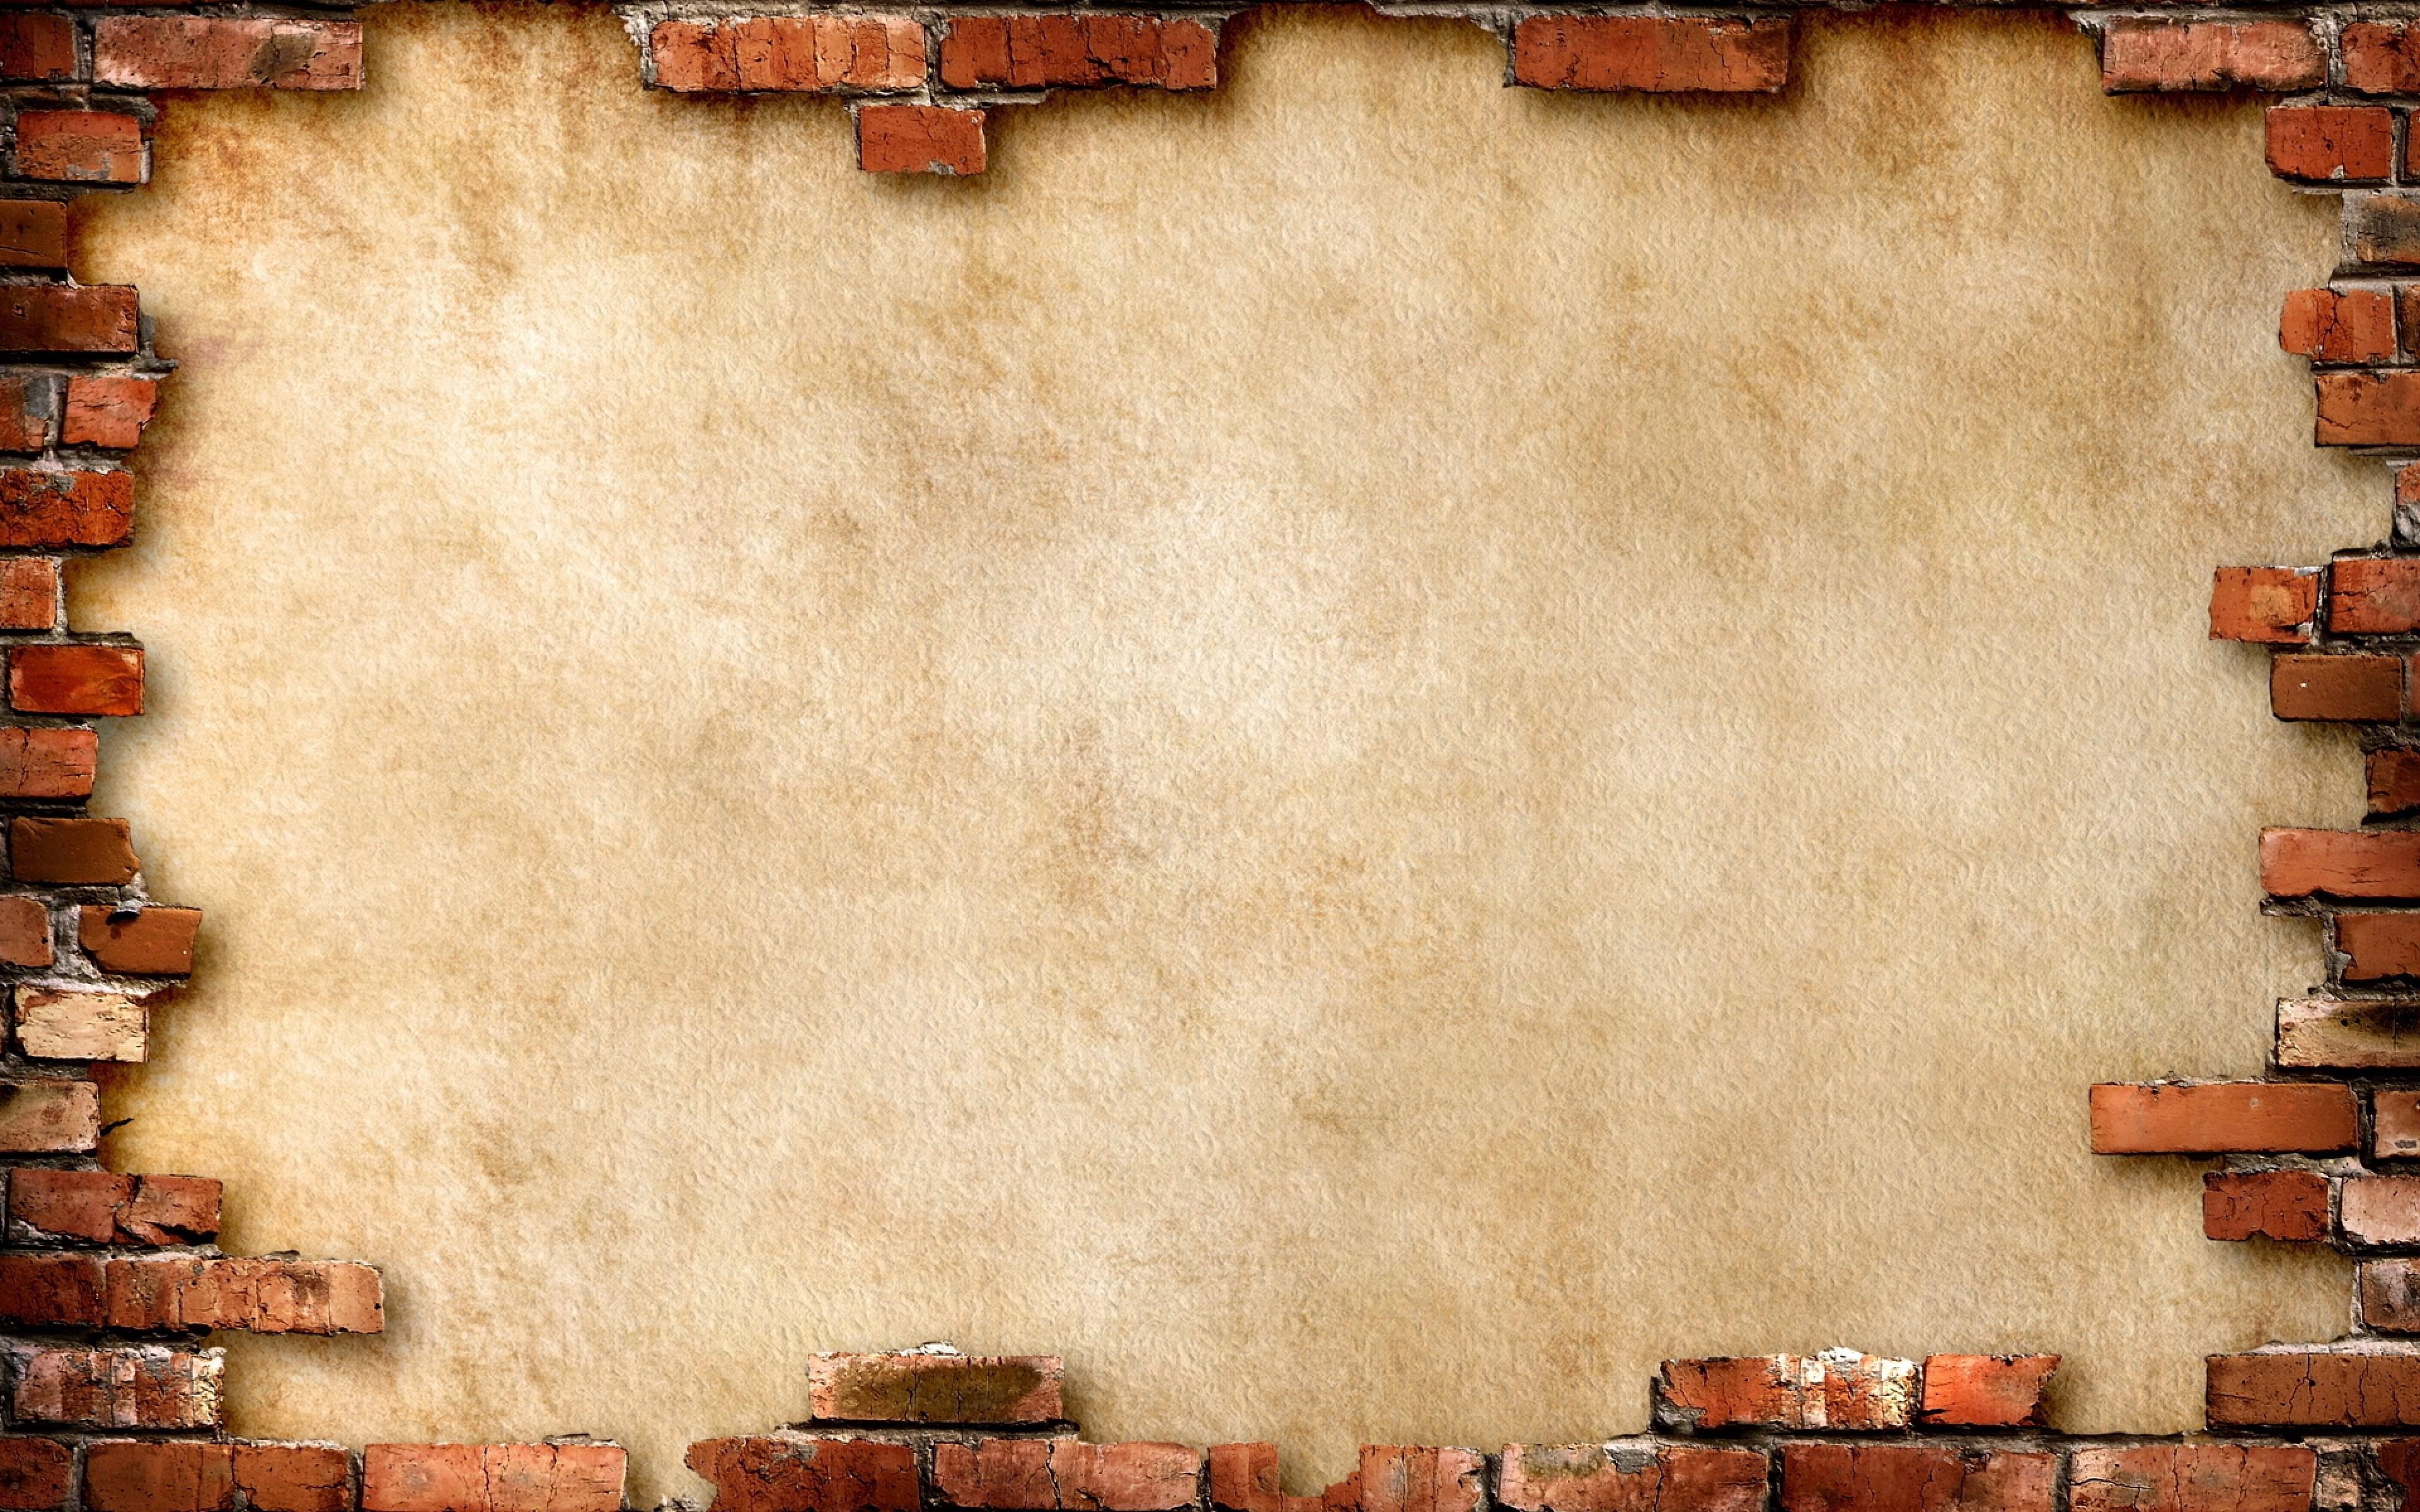 desktop-hd-for-walls-download-wallpaper-wp3404600